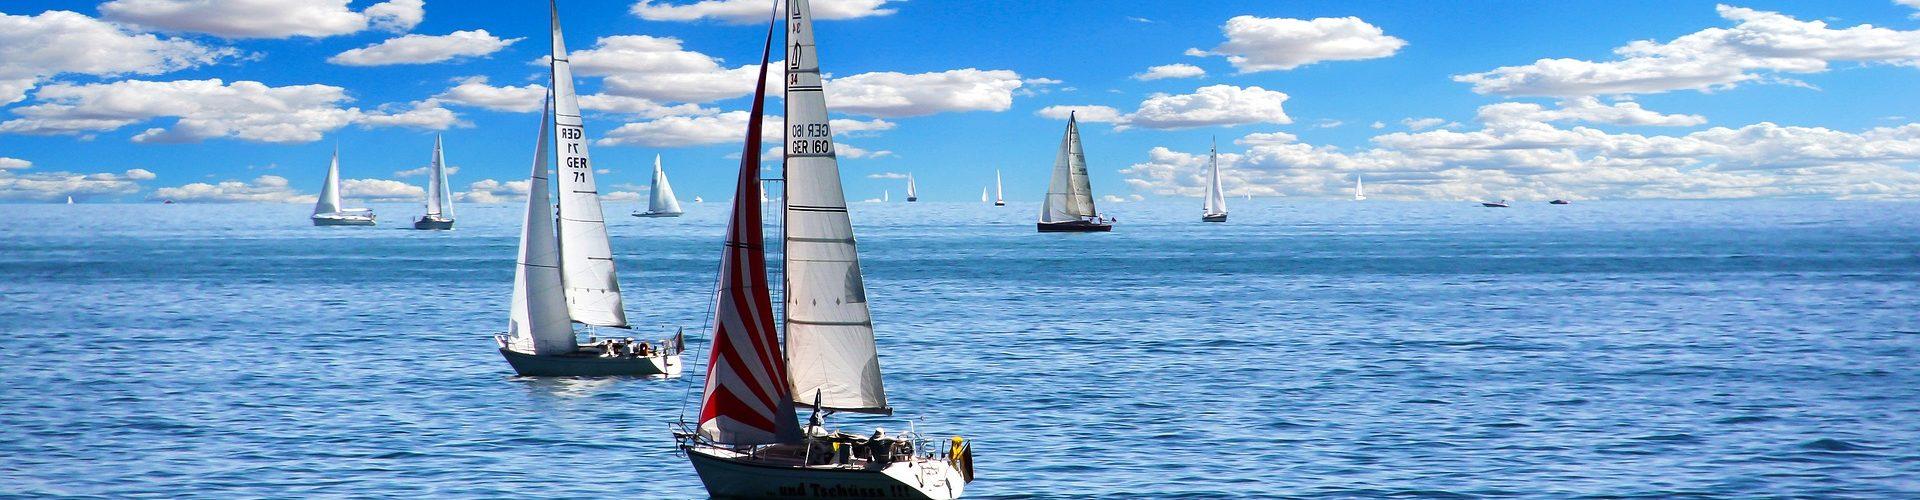 segeln lernen in Wernigerode segelschein machen in Wernigerode 1920x500 - Segeln lernen in Wernigerode